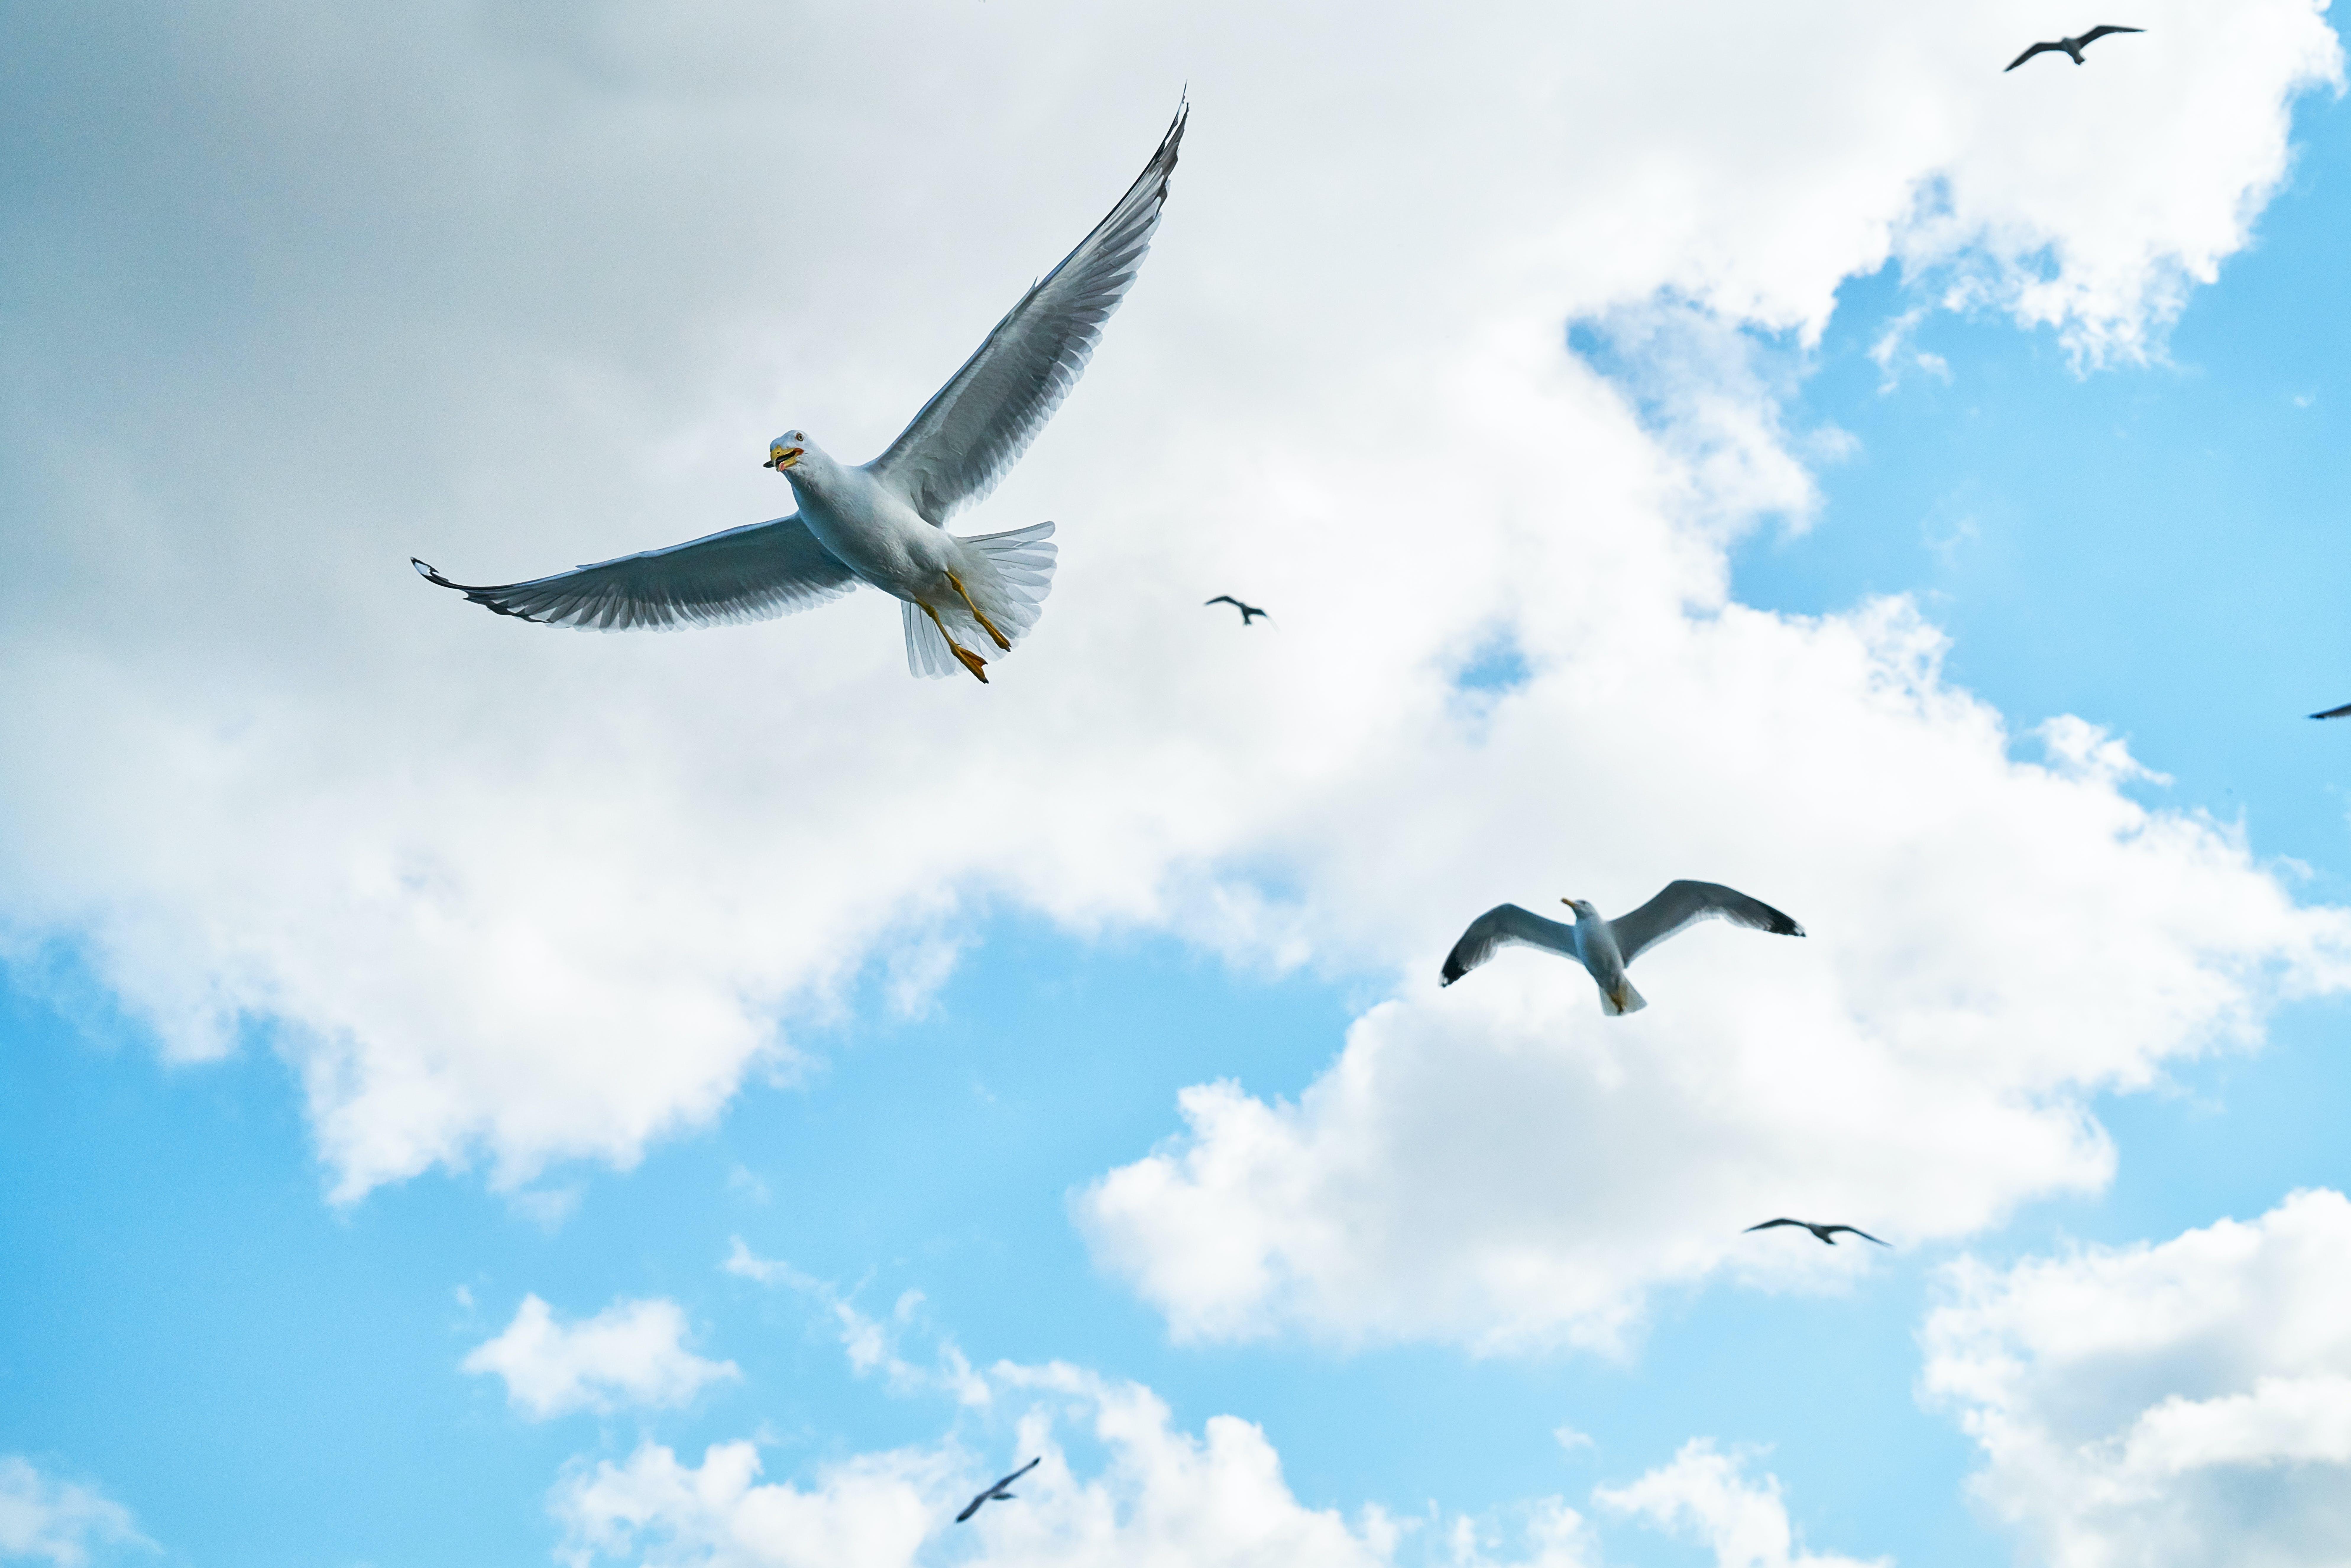 きらきら, カモメ, 日光, 羽毛の無料の写真素材